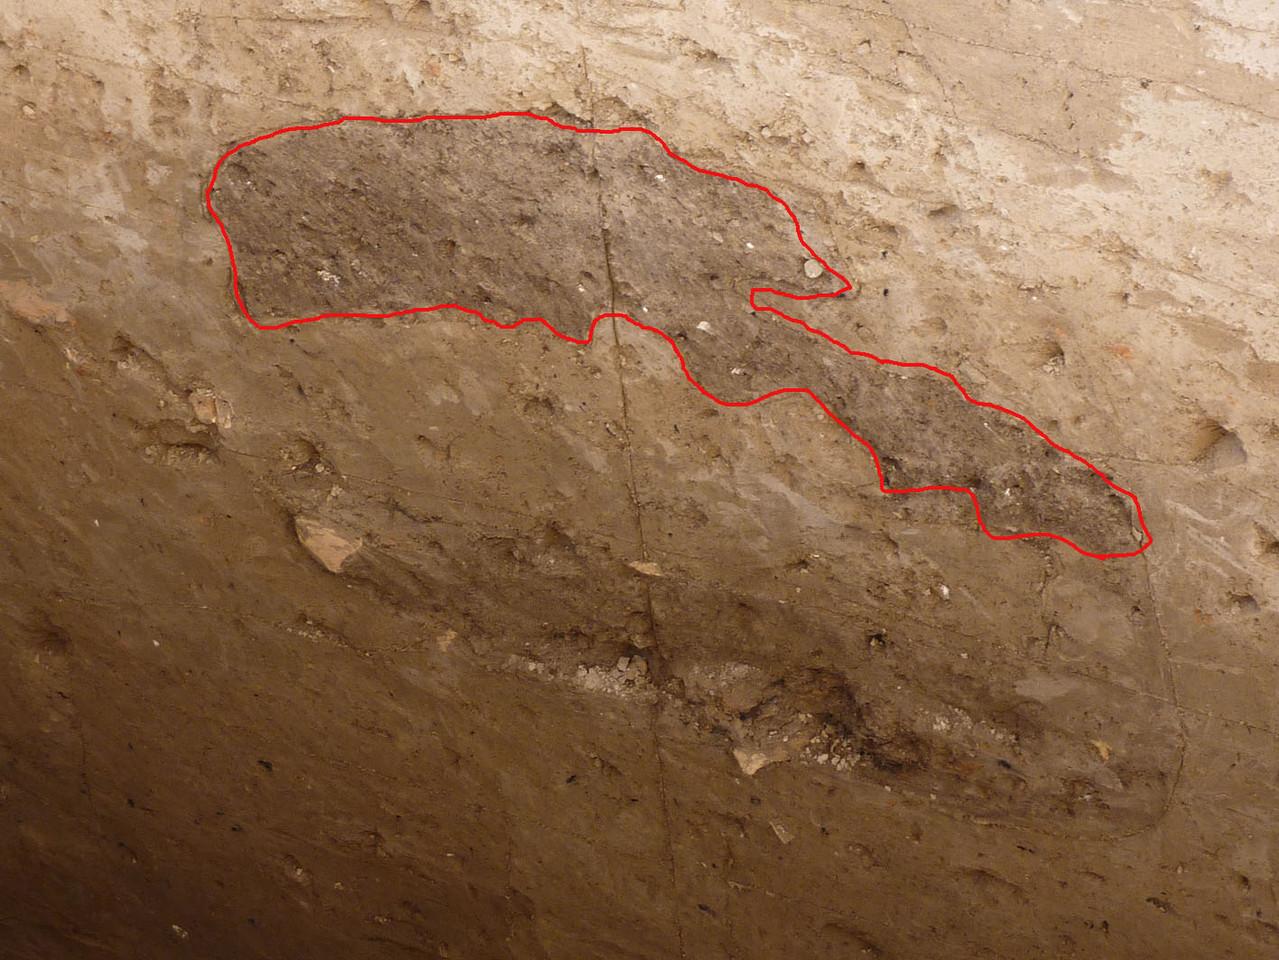 """Dans la tranchée n°2 un fragment de four (couleur sombre, entouré de rouge) a été utilisé comme remblai pour l'installation du pavement. Les fours pour la céramique devaient être changés régulièrement, d'où leur présence dans les """"poubelles"""" (Socra, 2012)"""